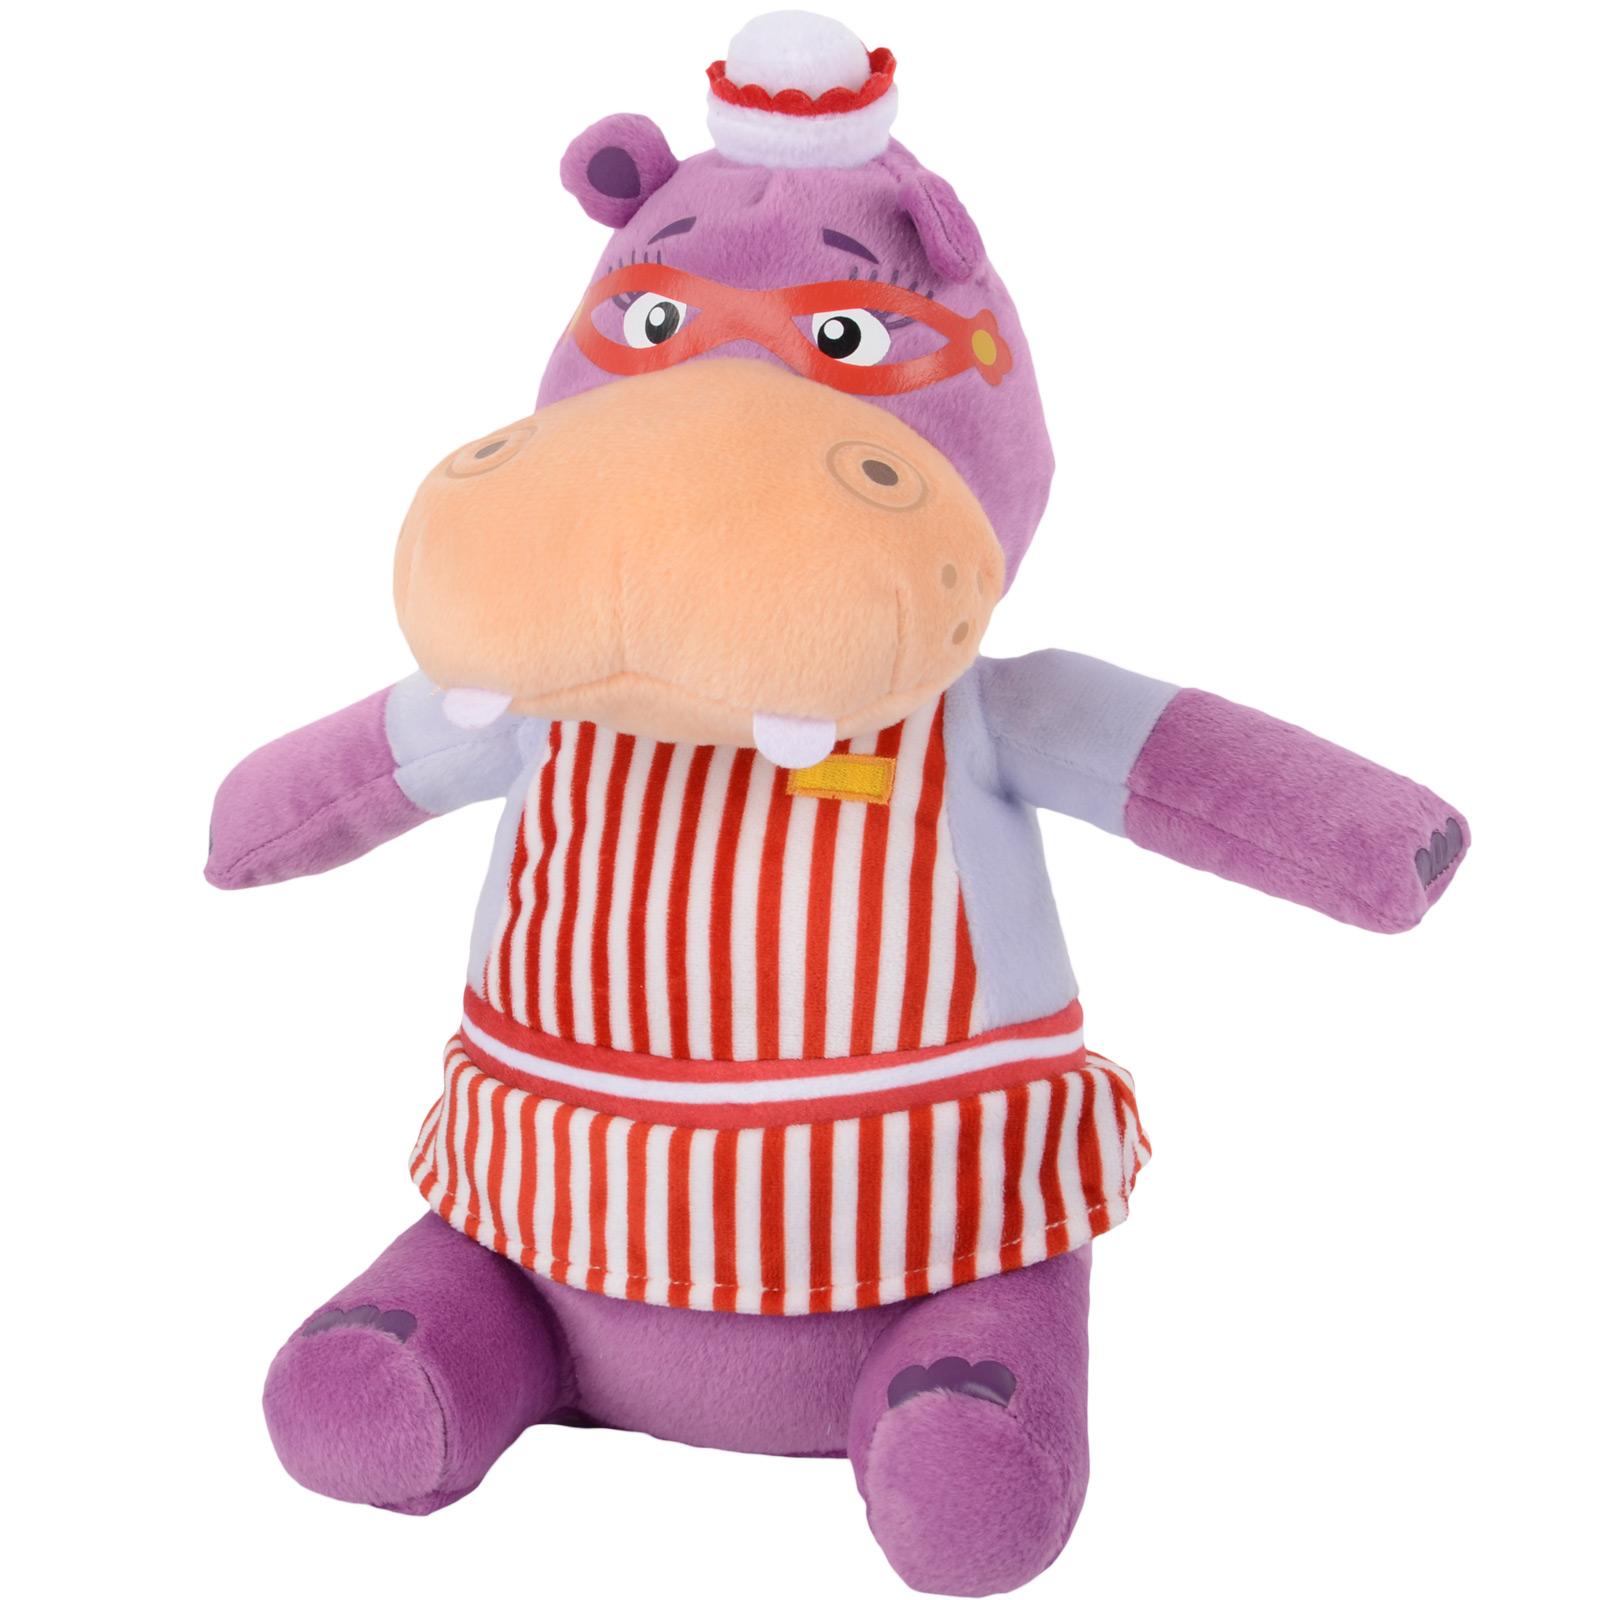 Doc Mcstuffins Toys : Plush cuddly soft childrens toy doc mcstuffins characters